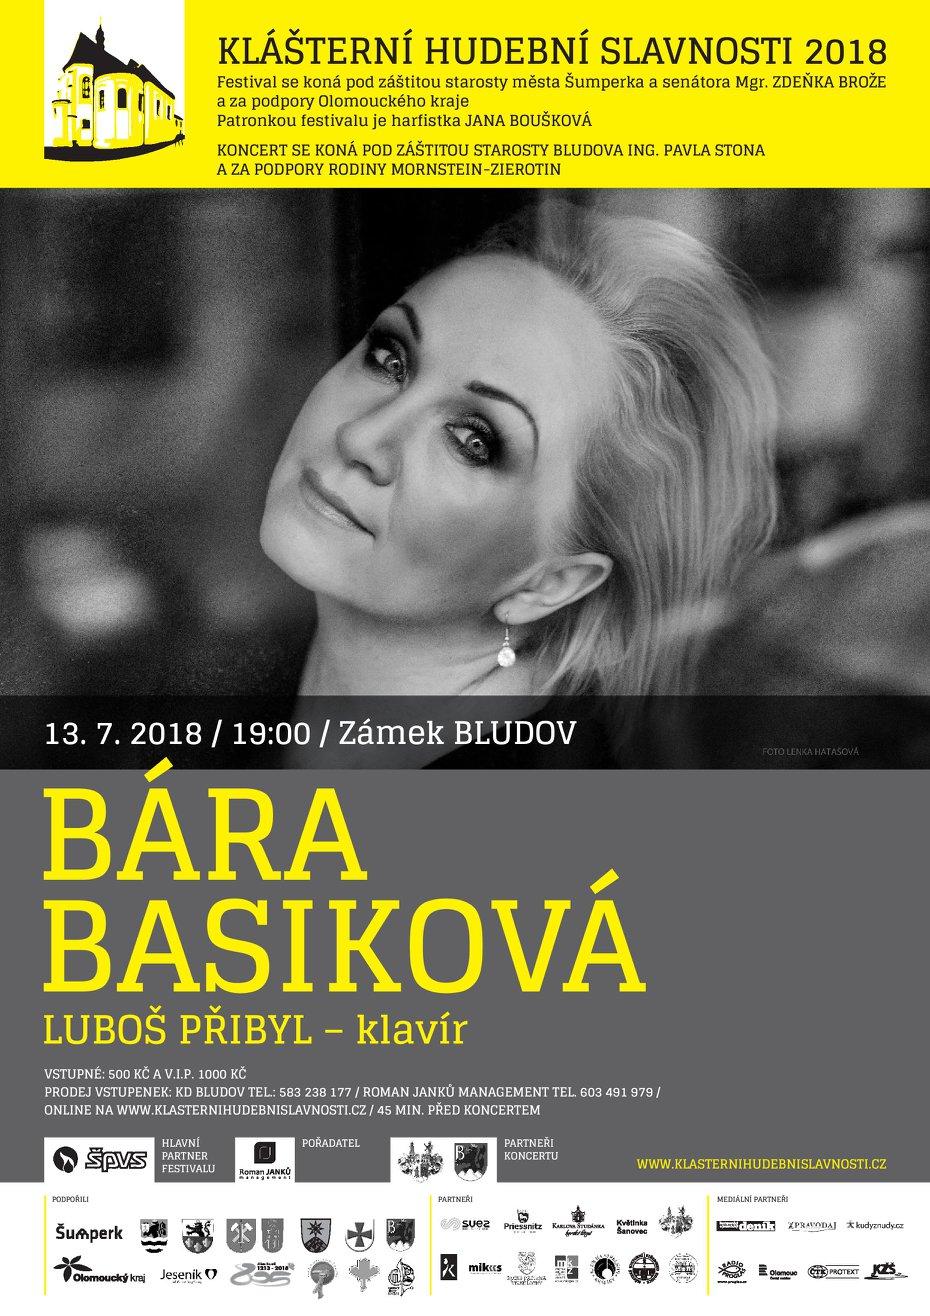 Zámek Bludov (Olomoucký kraj) - Klášterní hudební slavnosti 2018 - koncert zpěvačky Báry Basikové